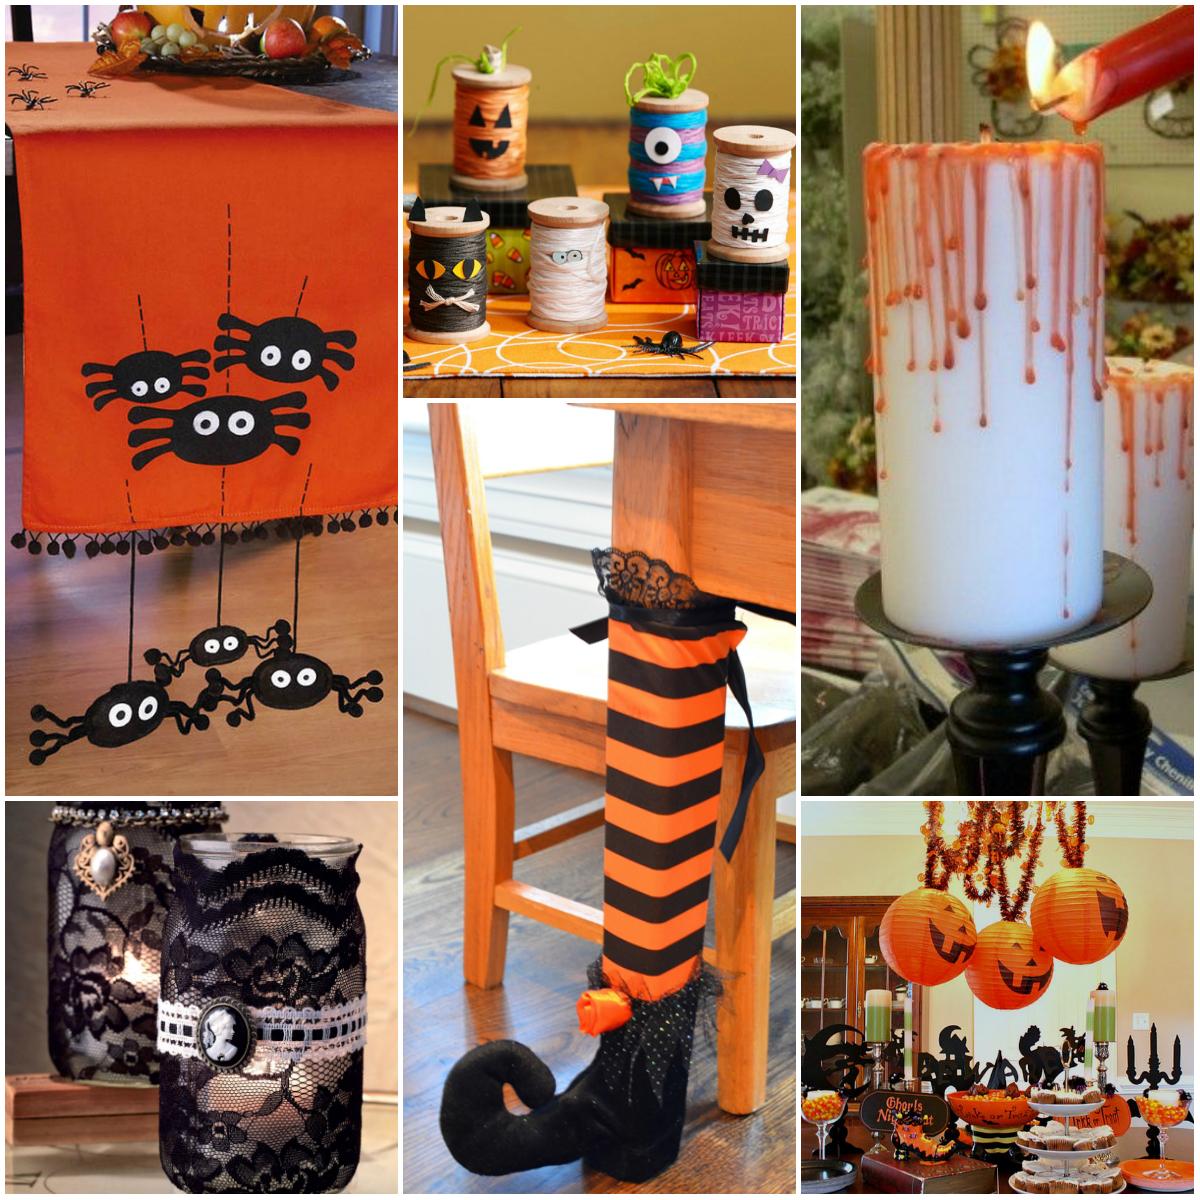 halloweeni_dekoracio_otletek.jpg